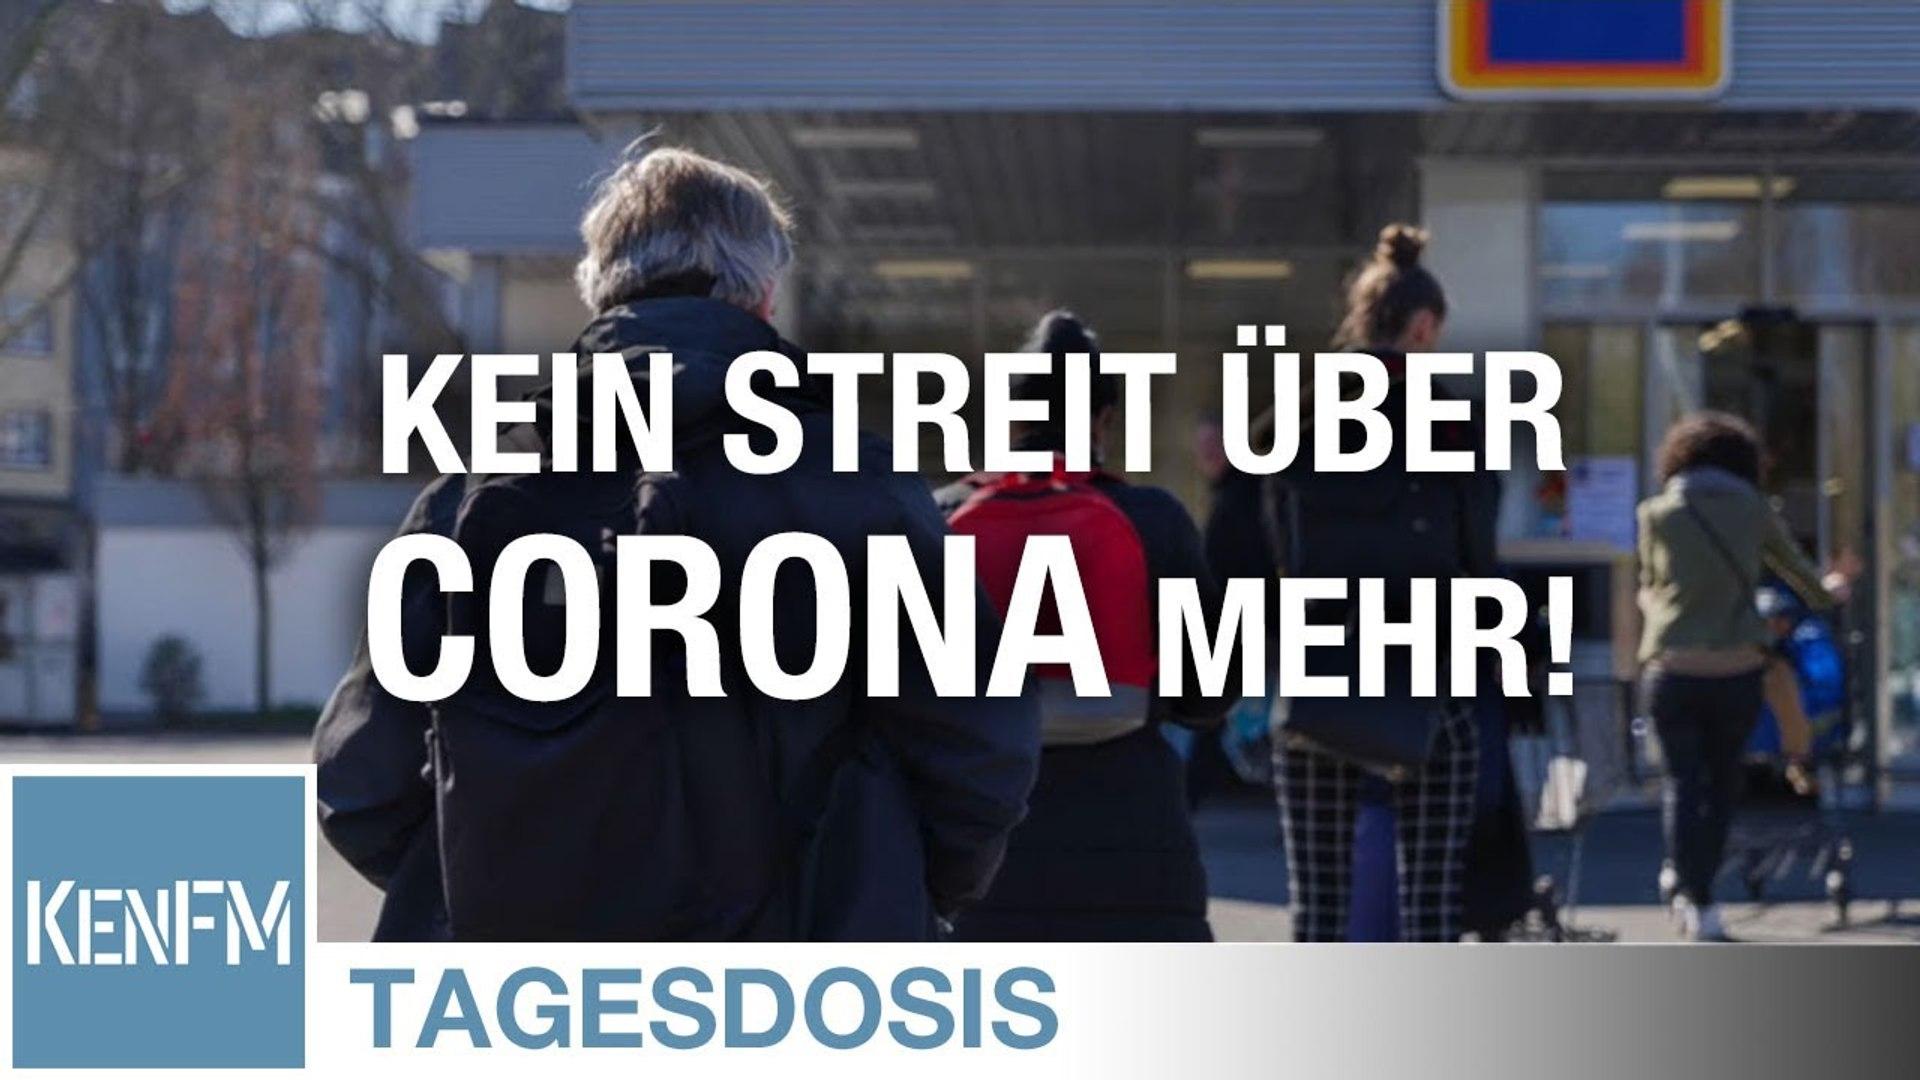 Tagesdosis 25.4.2020 - Hört auf über Corona zu streiten - Denn im Schatten von Corona geschieht Unge